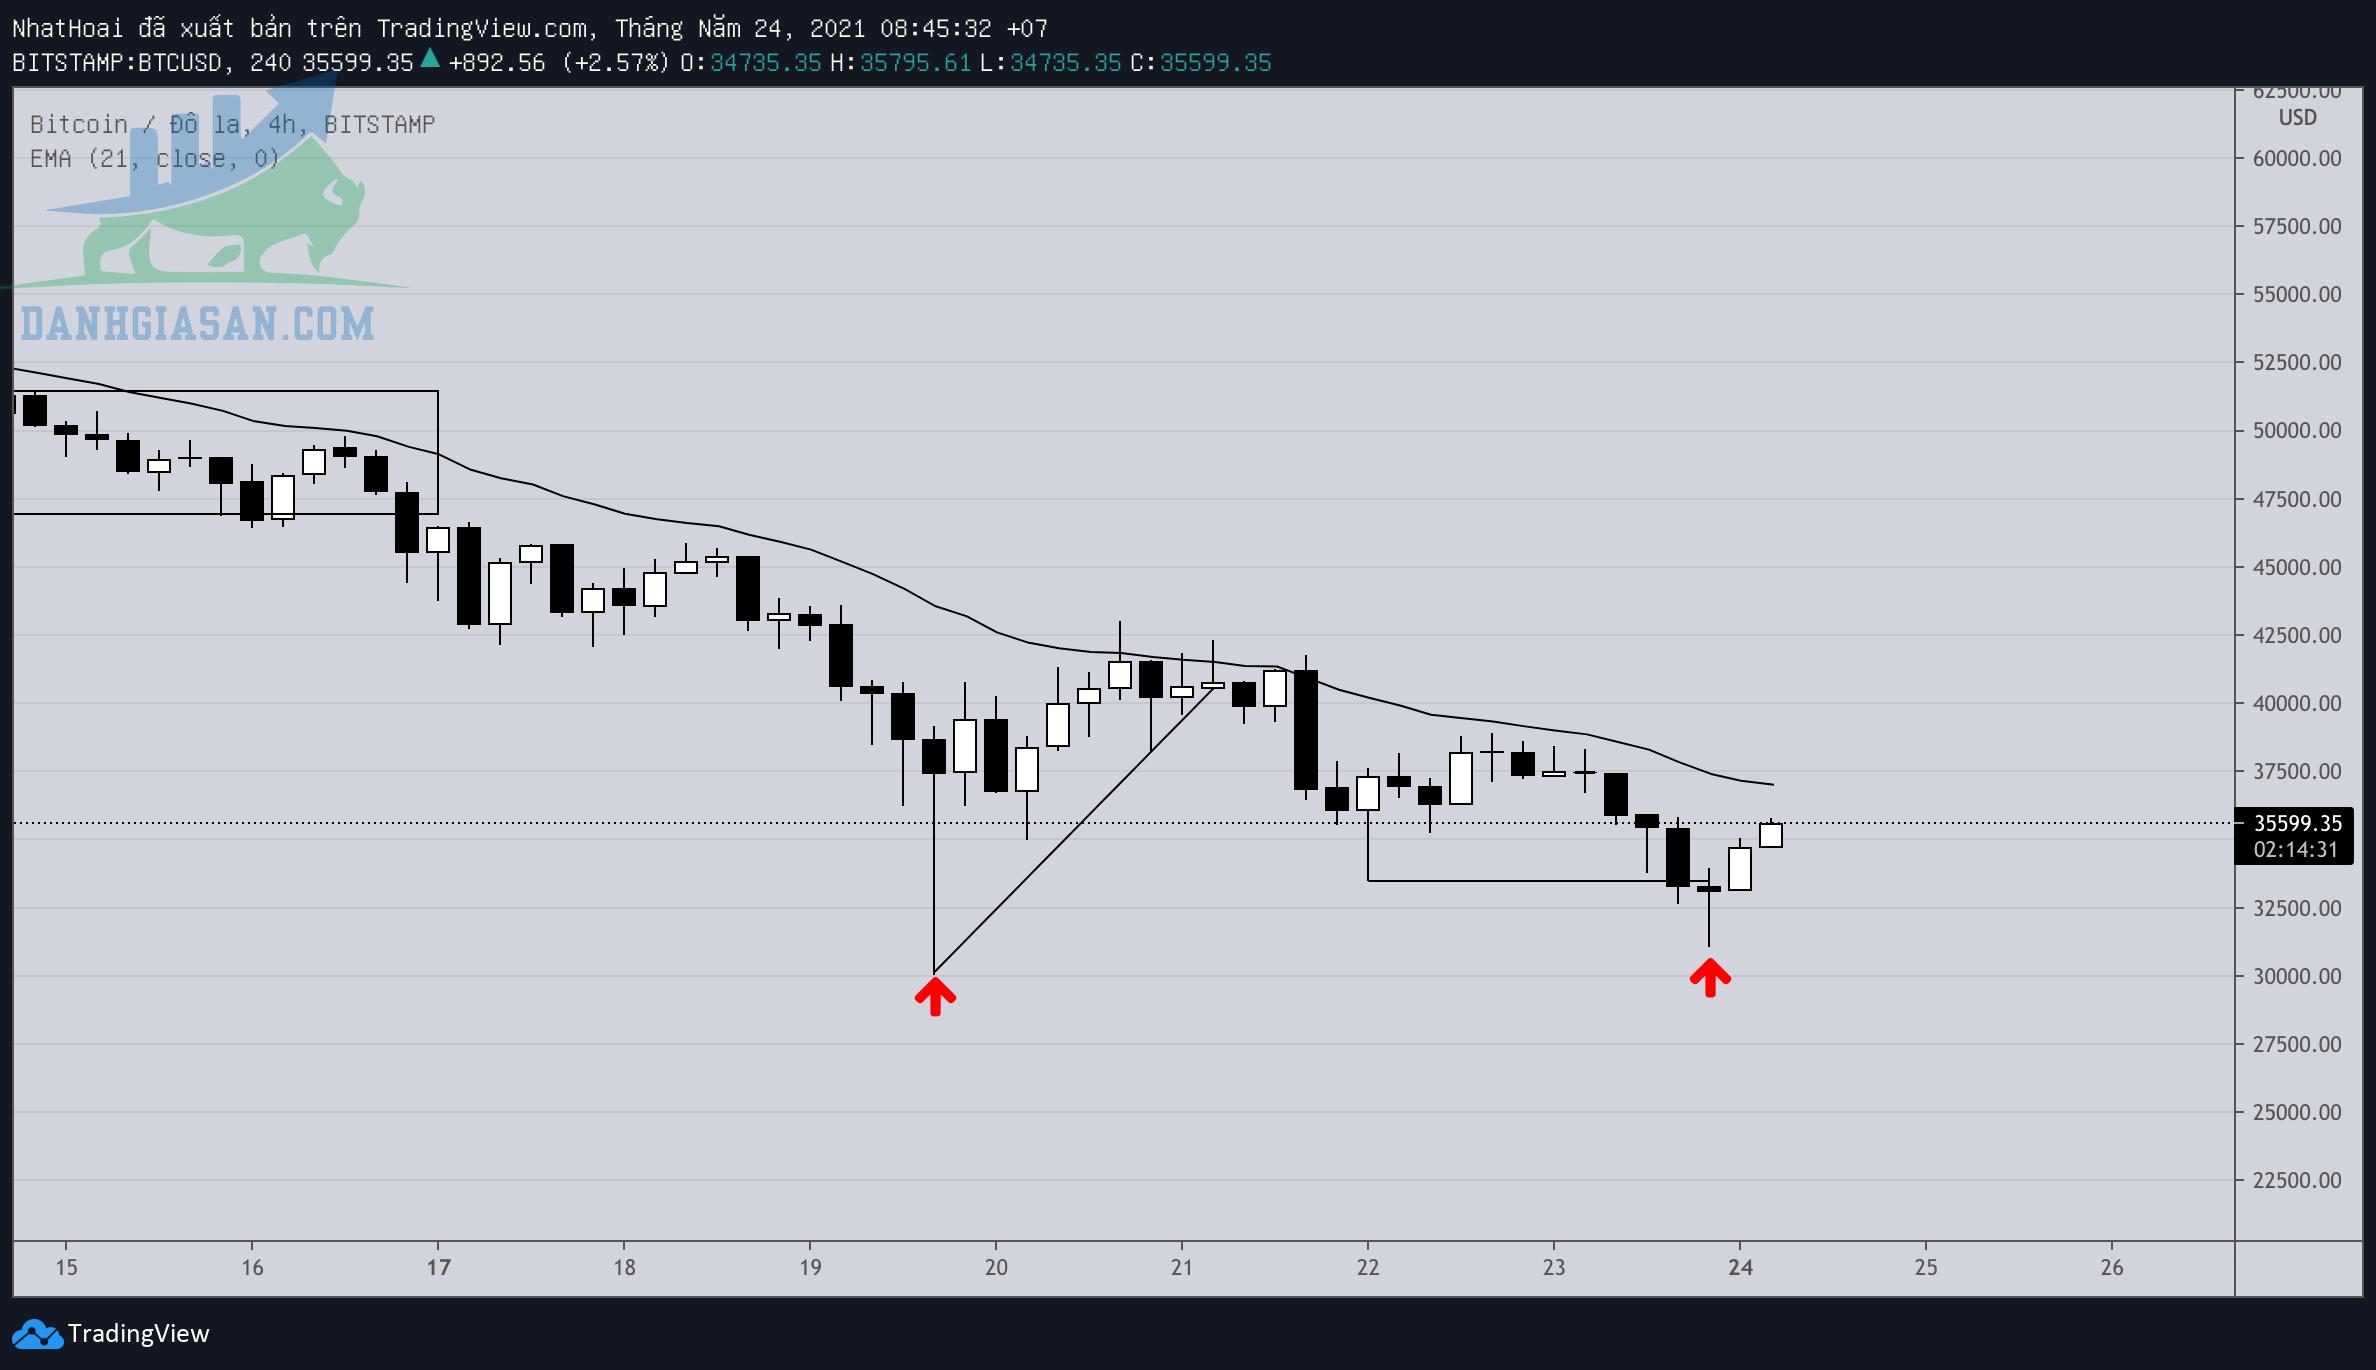 Thị trường Bitcoin giảm mạnh, xu hướng nào cho nhà đầu tư - ngày 24/05/2021